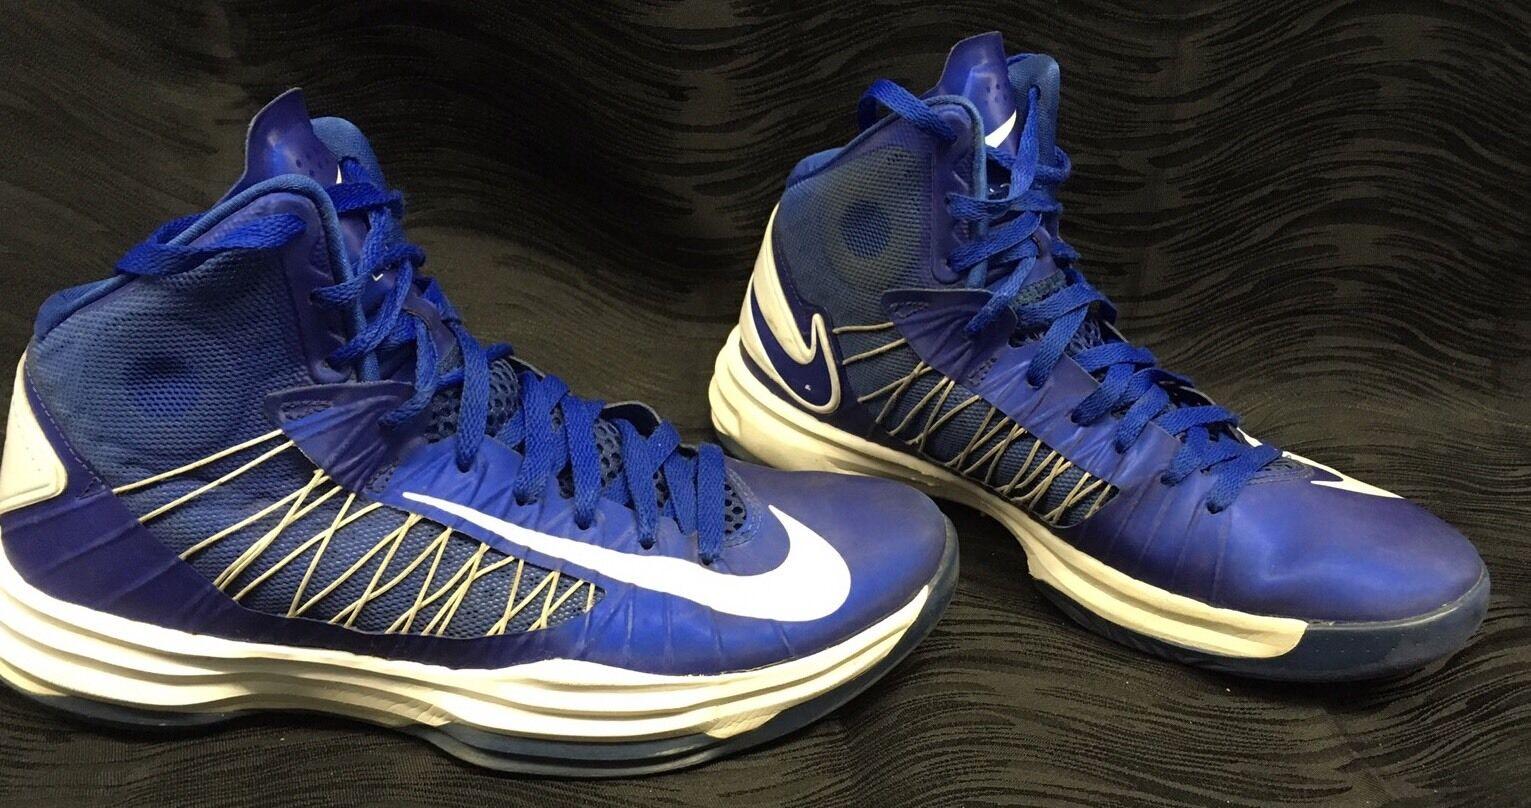 Nike Hyperdunk Tb Game Royal Blue White 524882 402 Mens Size 9.5 Basketball